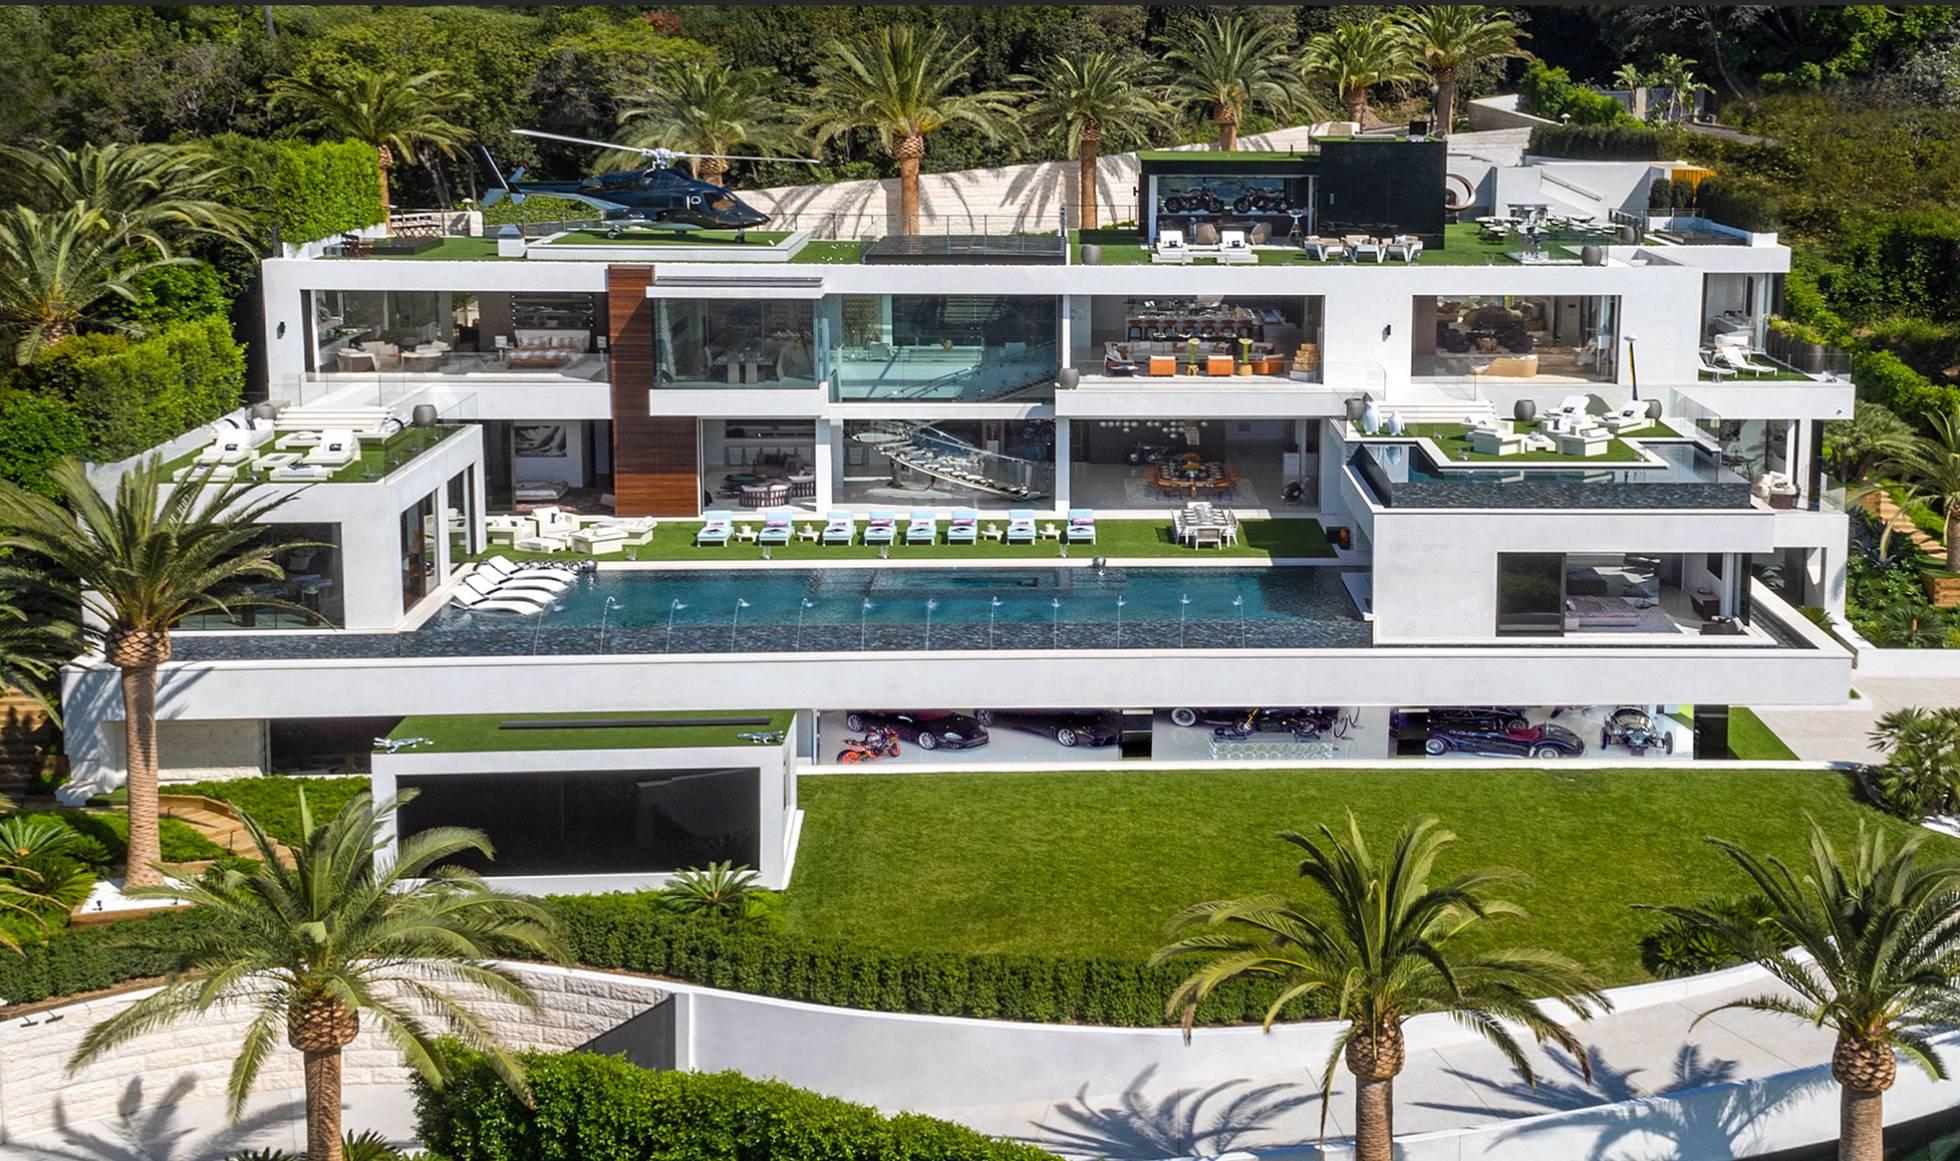 Vivienda: Estás son las 10 casas más caras que están ahora a la venta en el mundo